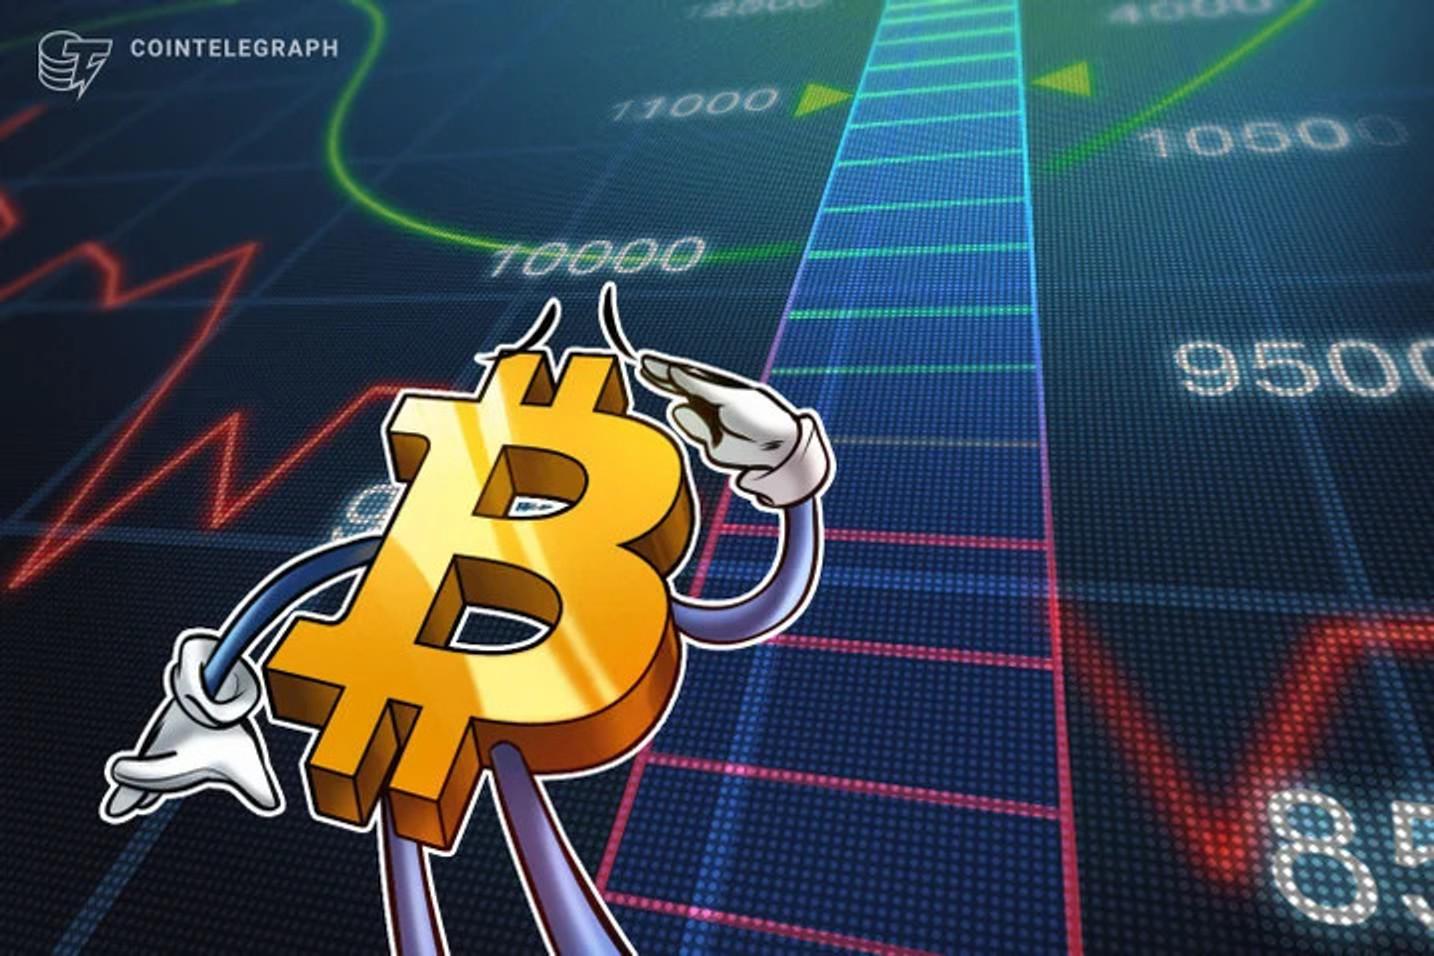 Si hubieras invertido USD 0.32 en Bitcoin en el 2010, hoy tendrías tu primer millón de dólares